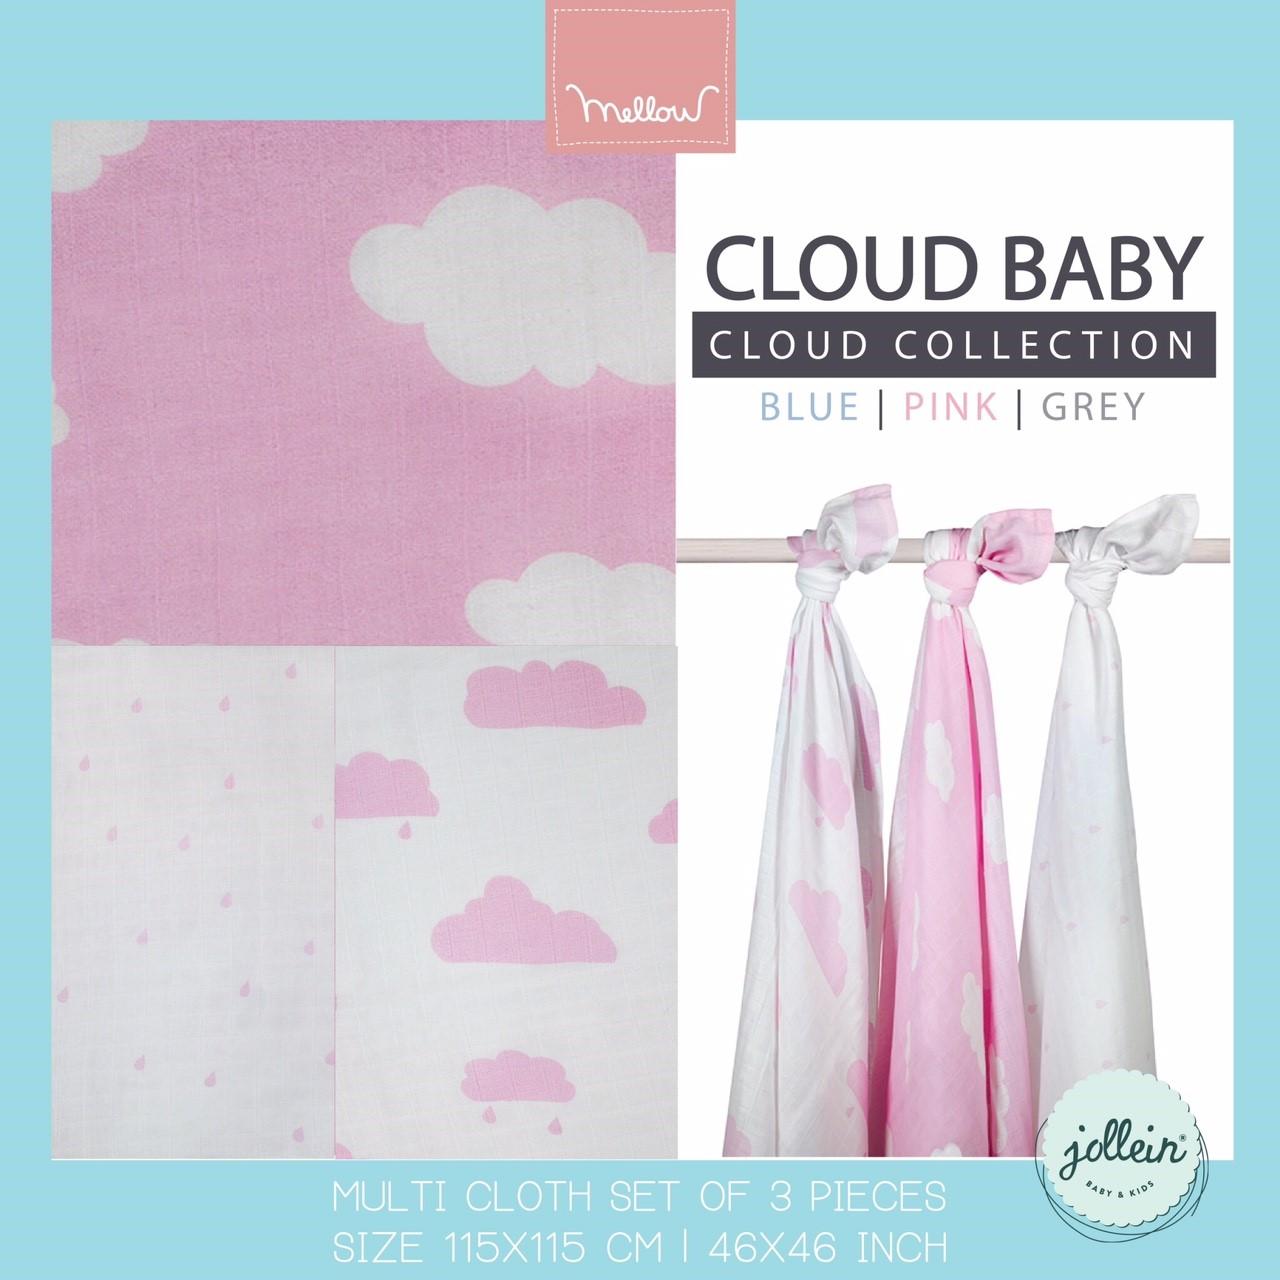 Jollein - Multi cloth Cloud pink ผ้าห่อตัวลายก้อนเมฆชมพู เซต 3 ผืน size 115x115 cm.